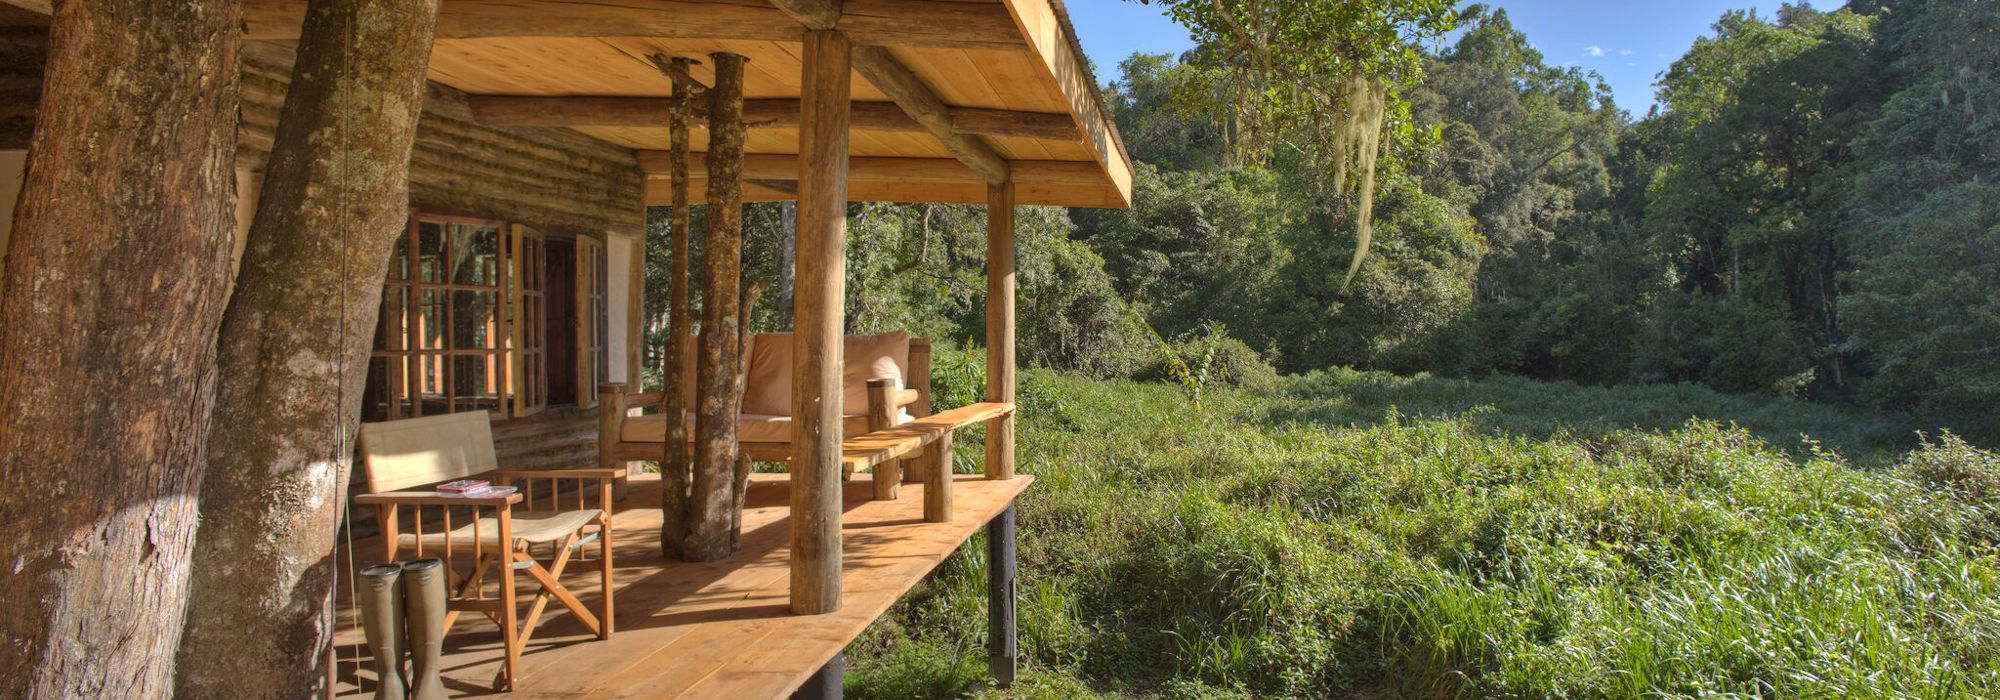 accommodation mt kenya forest